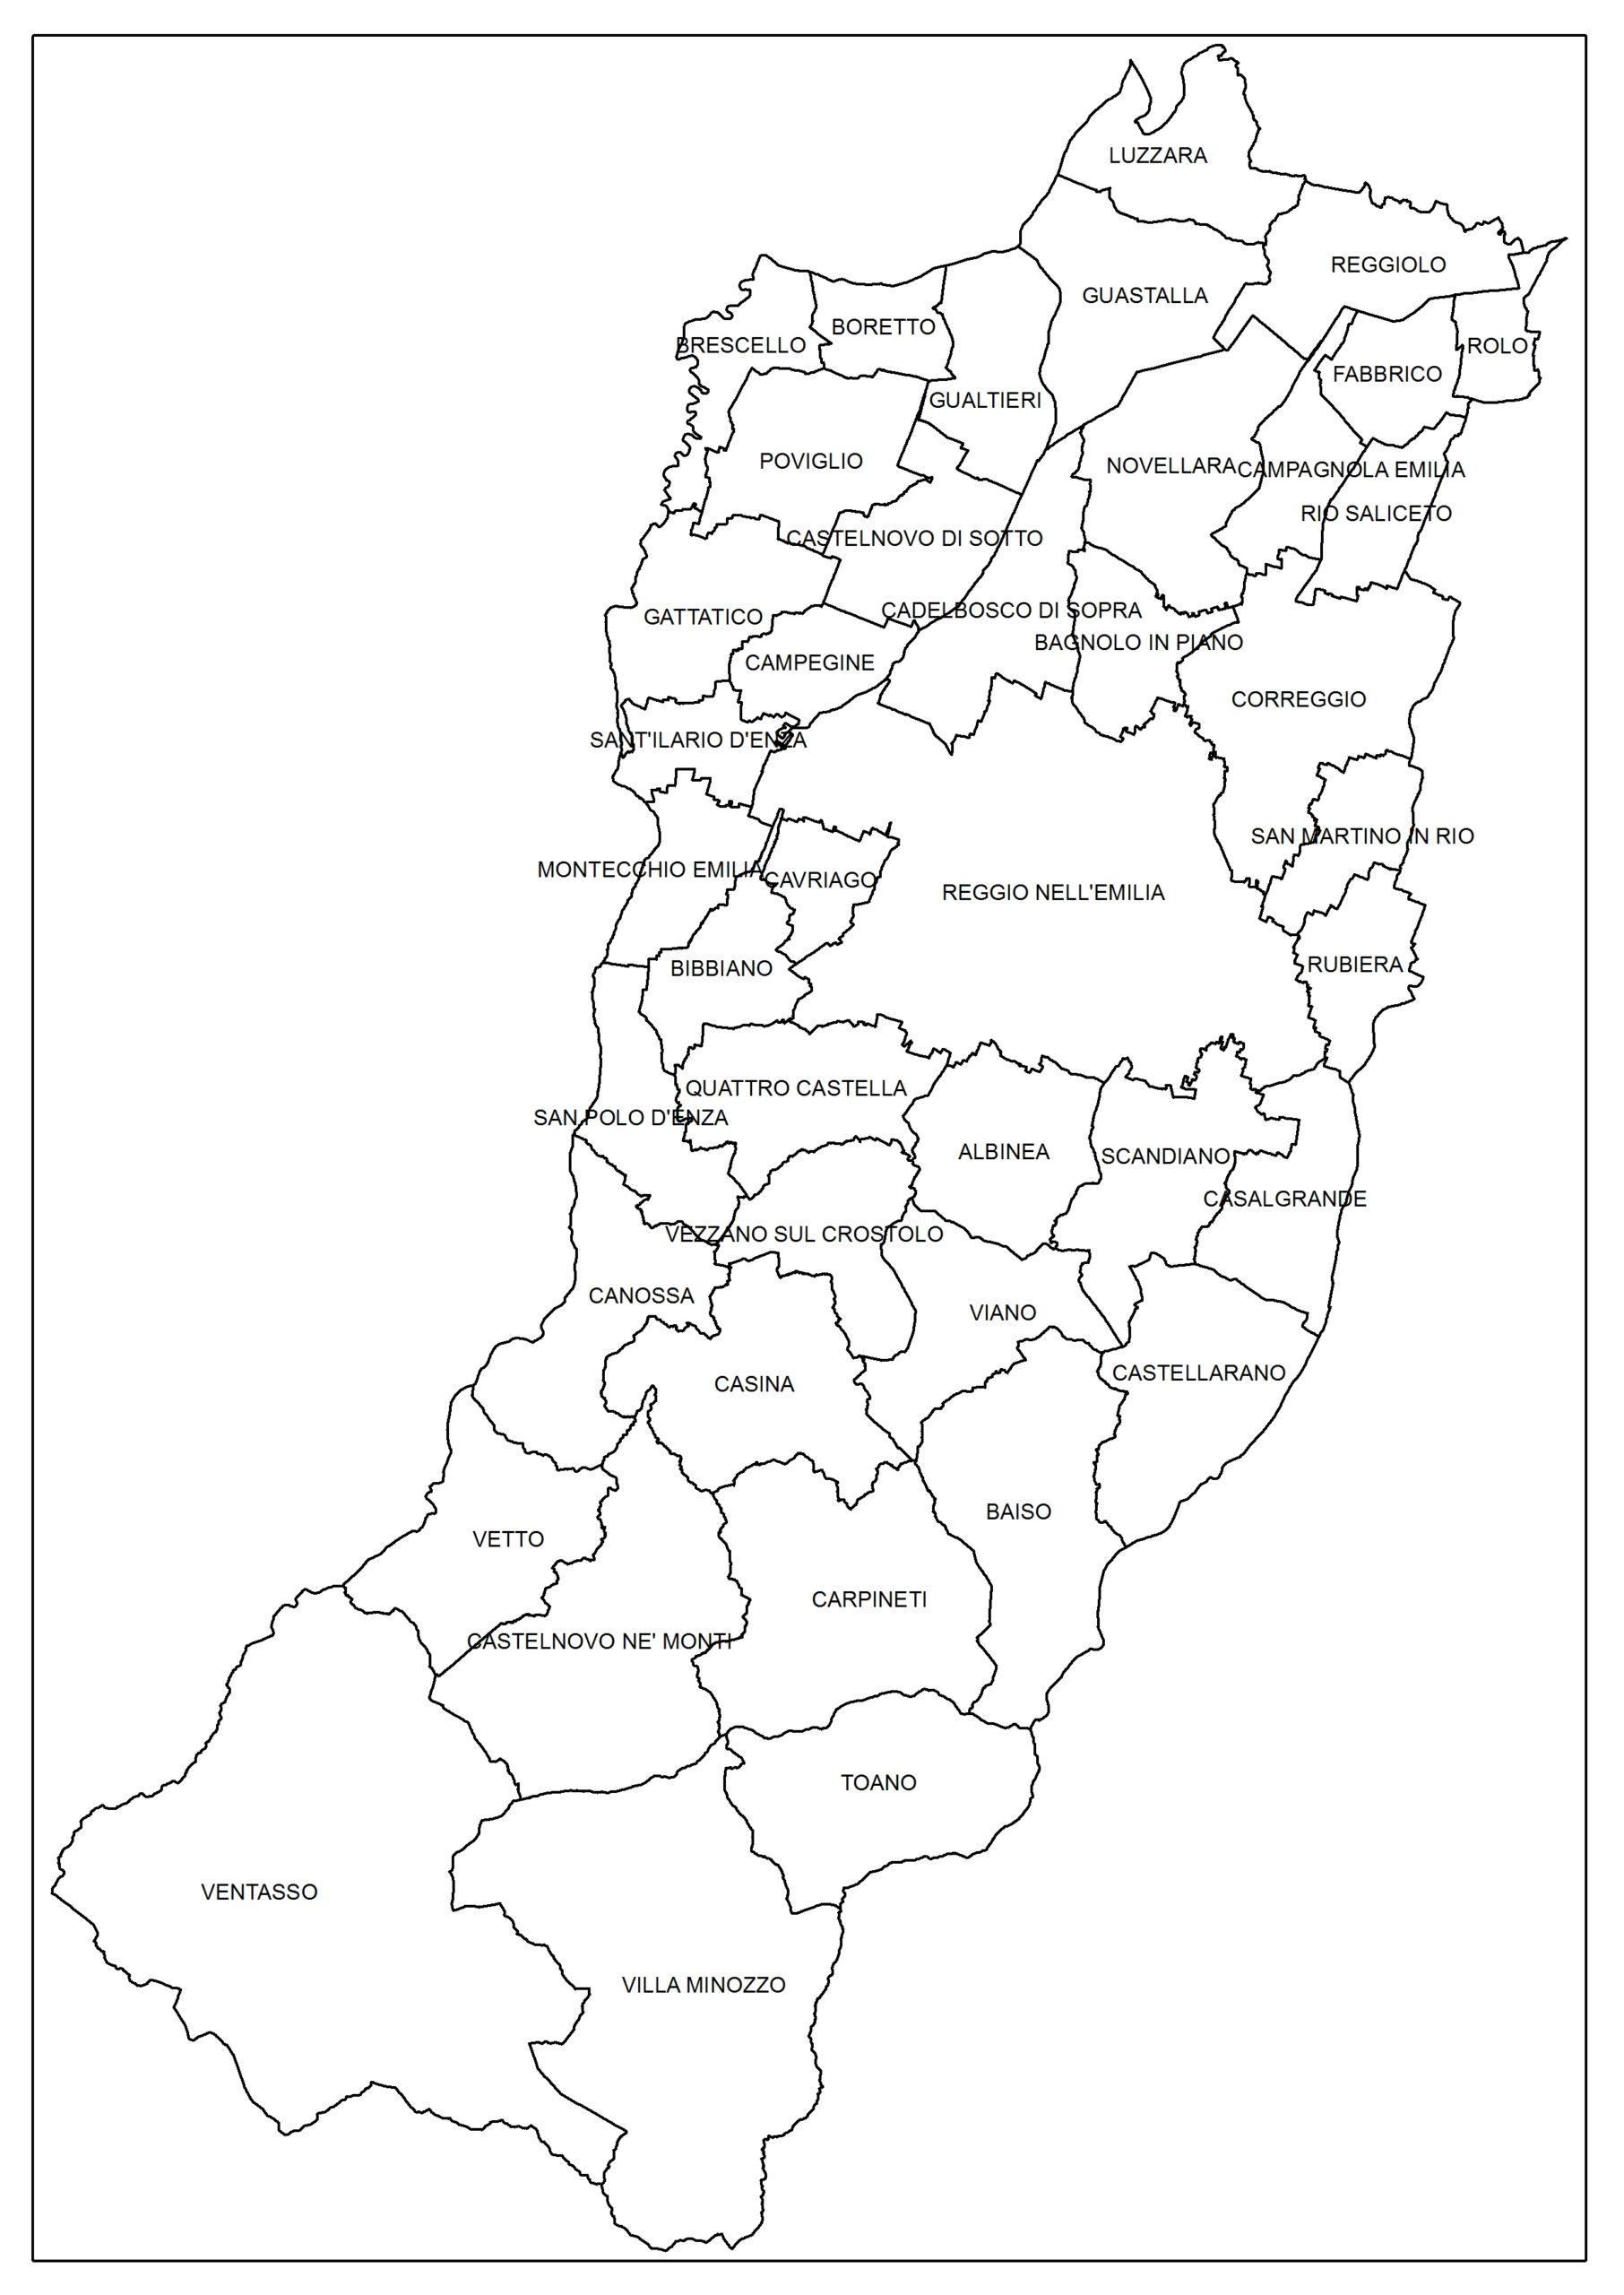 Cartina Muta Emilia Romagna.Provincia Di Reggio Emilia Cartografia Di Base